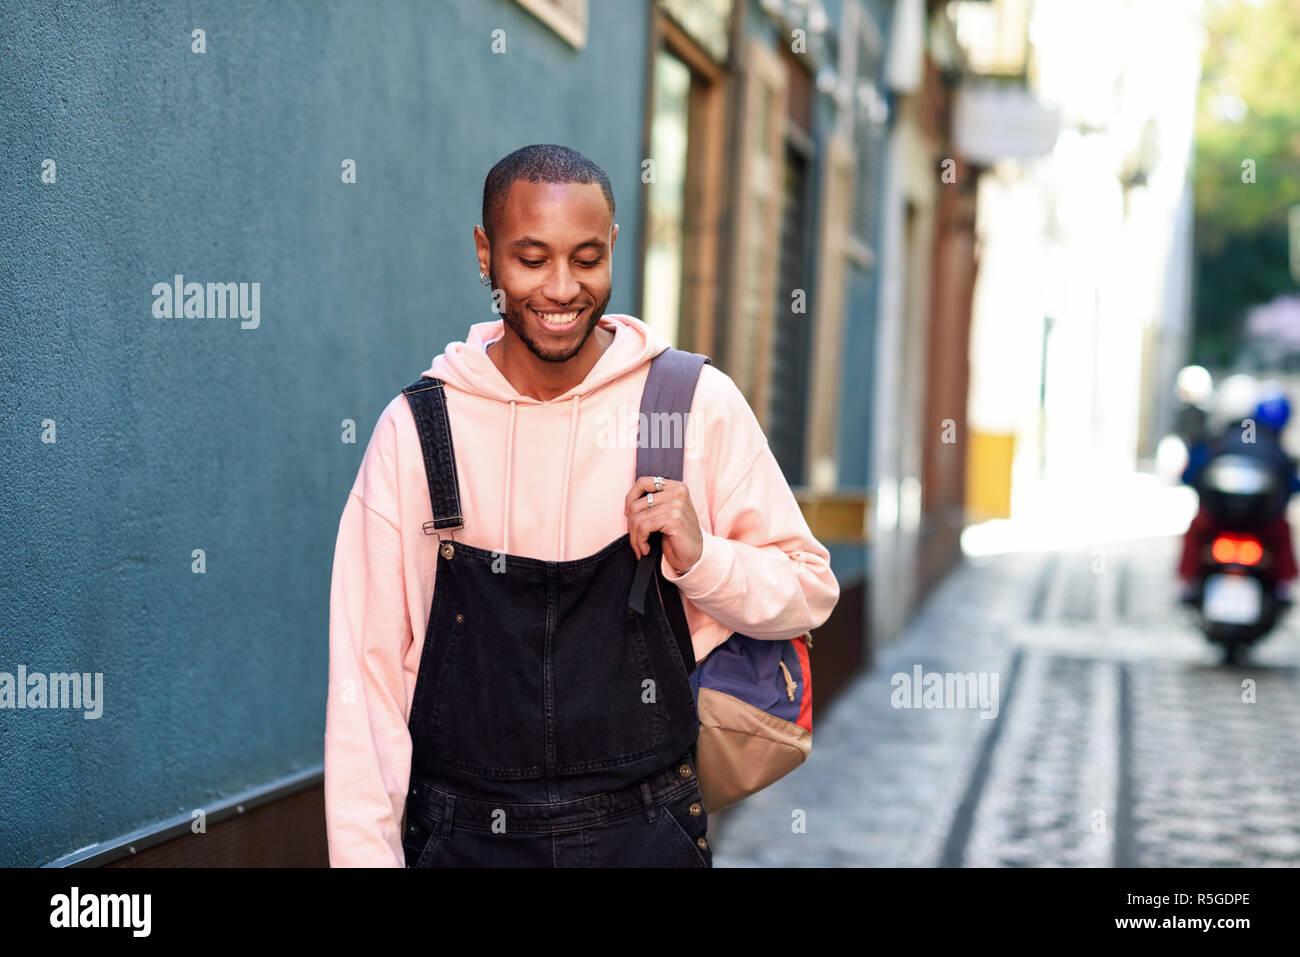 Giovane uomo nero indossando abiti casual sorridendo a piedi giù per la strada. Millenaria ragazzo africano con bib pants all'aperto Foto Stock